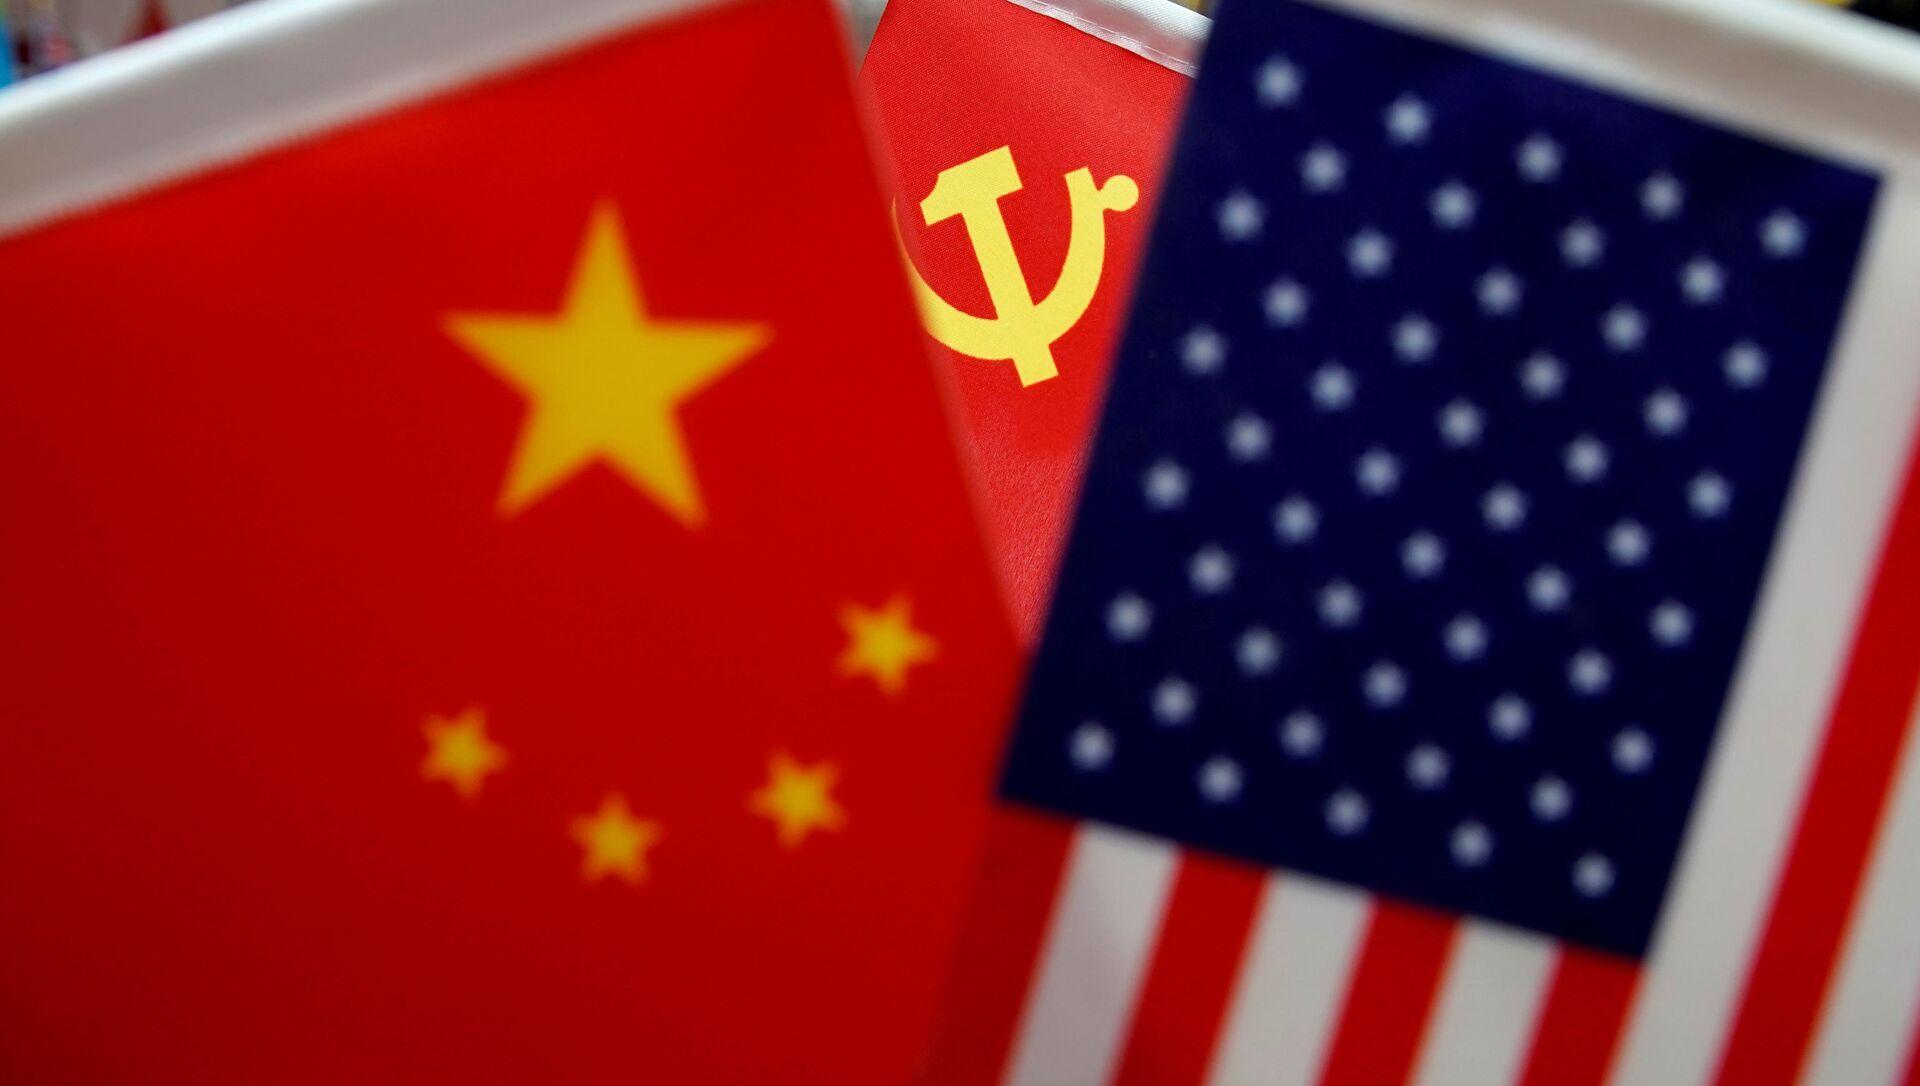 Las banderas de China, el partido comunista chino y EEUU - Sputnik Mundo, 1920, 11.01.2021